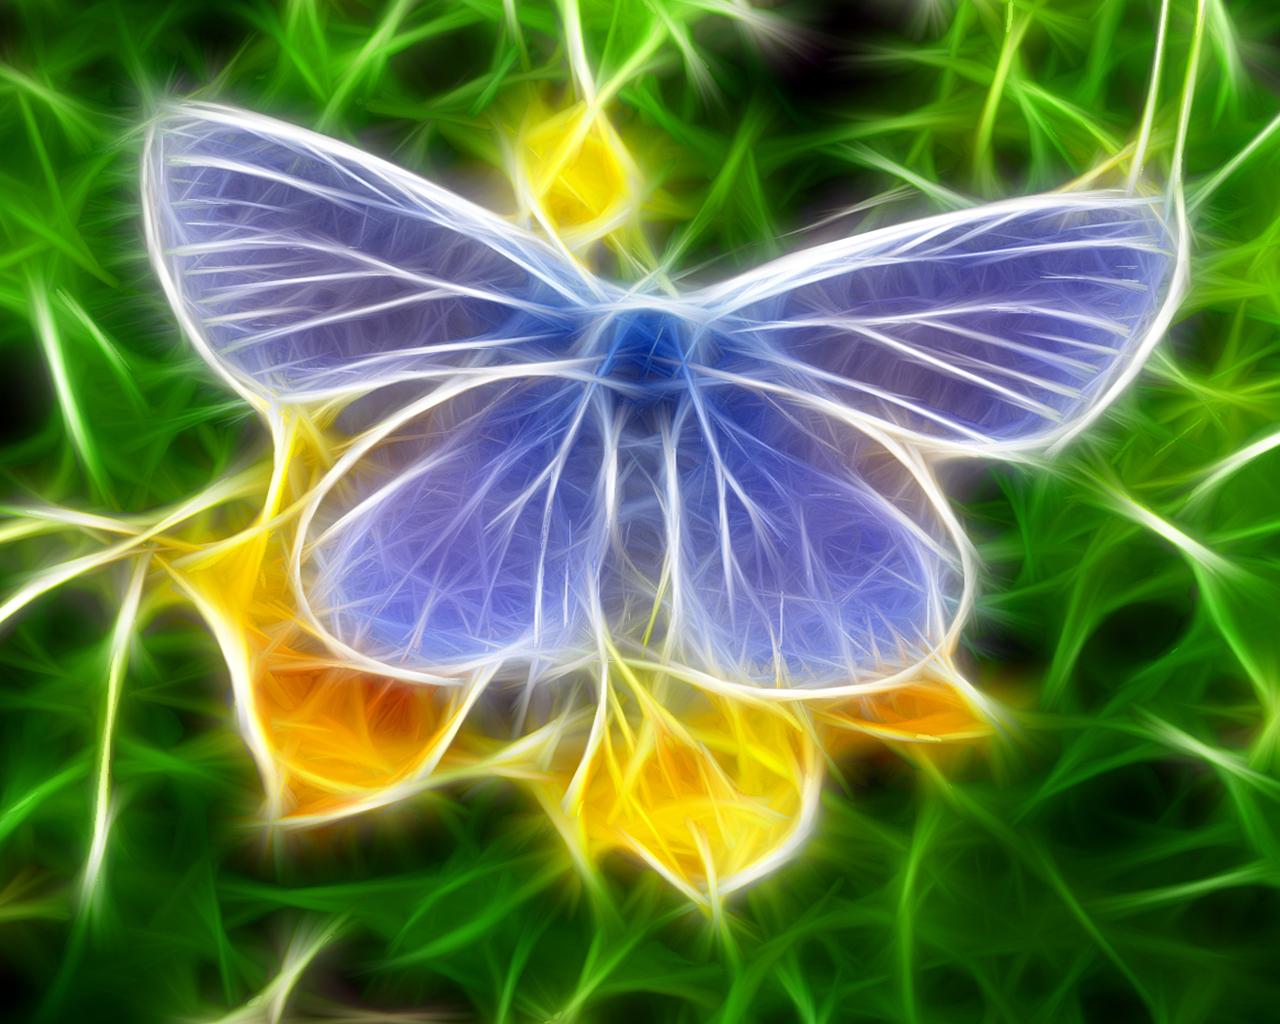 Neon Butterfly Desktop Background: Butterfly Wallpapers